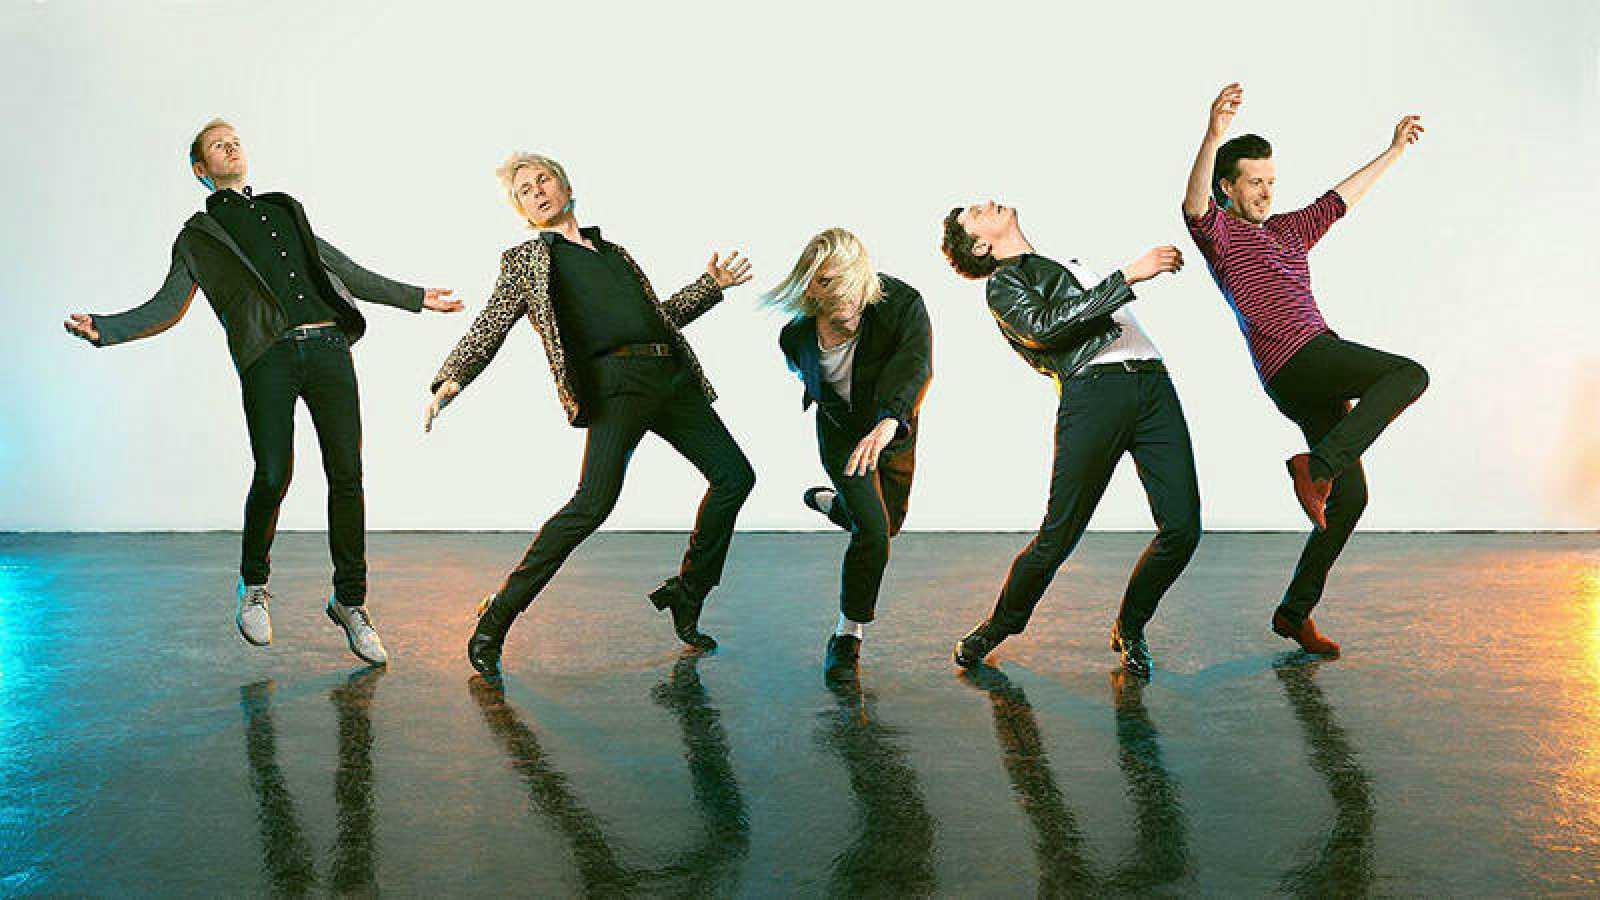 Radio 3 te invita a escuchar el nuevo disco de Franz Ferdinand y conocer a la banda